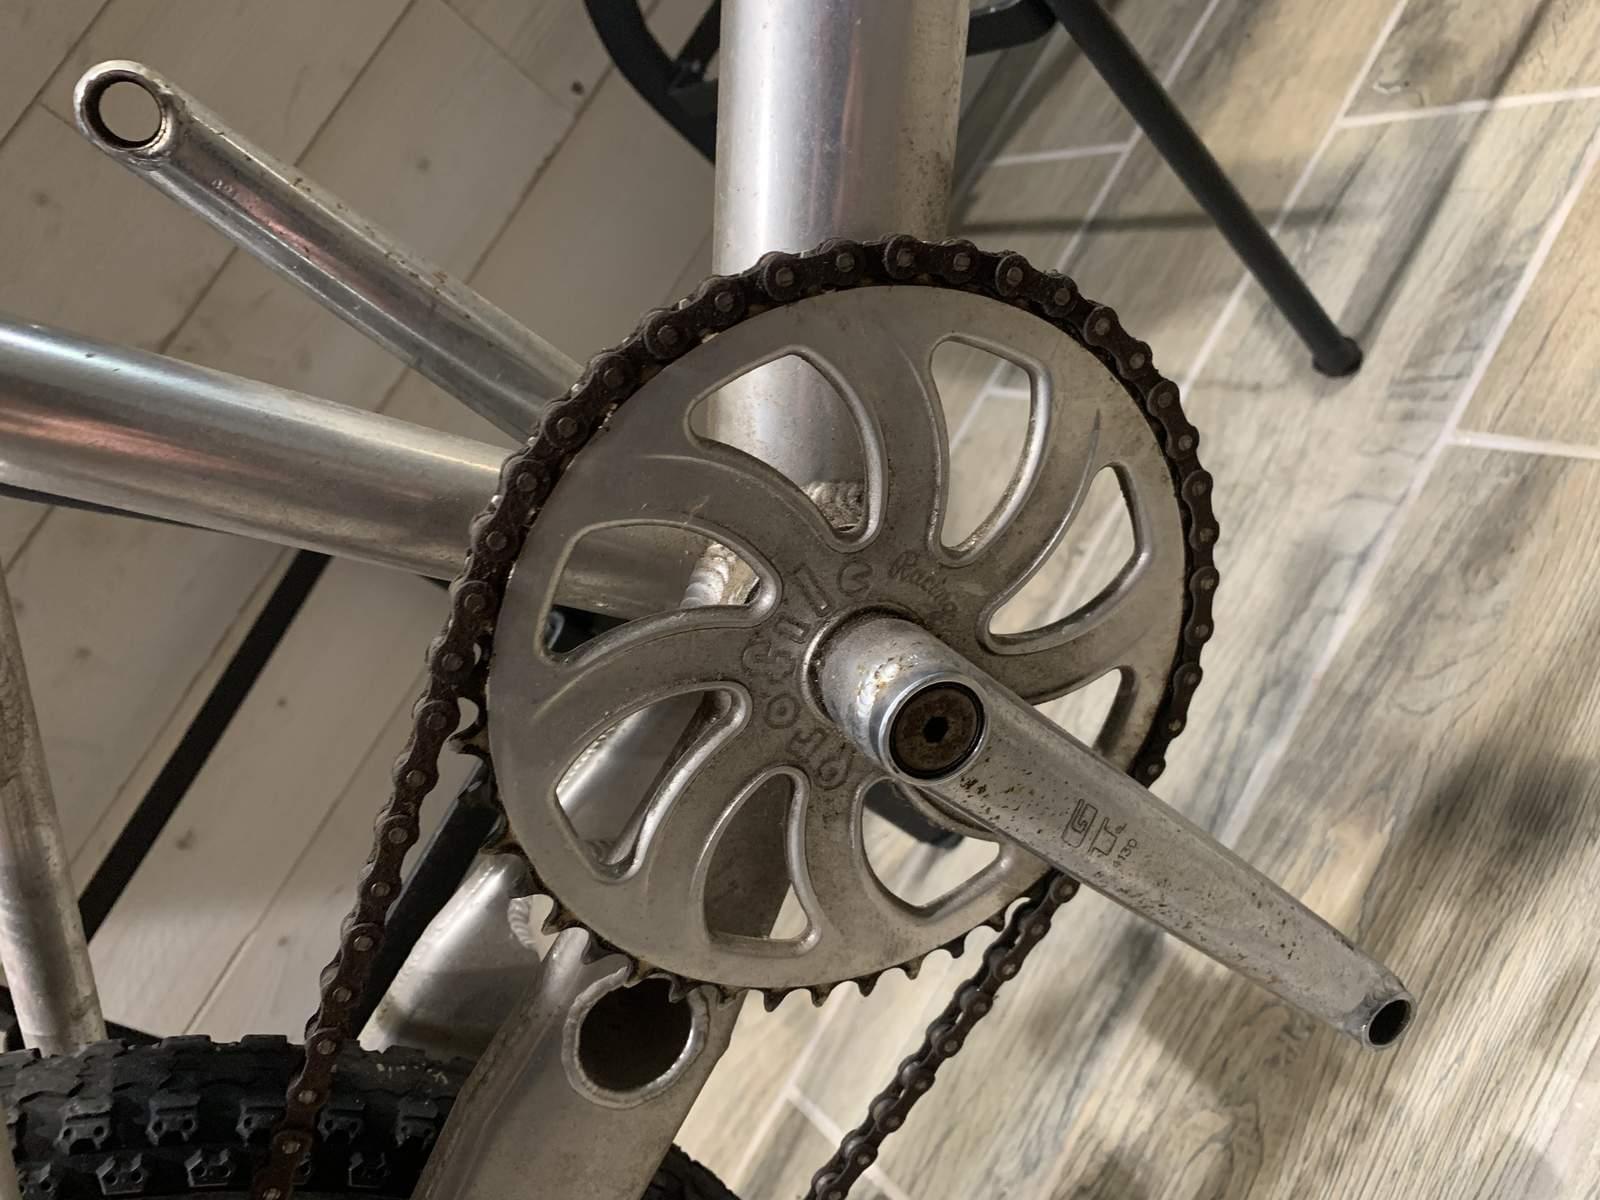 http://uploads.bmxmuseum.com/user-images/234558/8c9ddb56-fc62-466f-afc1-d2d88e1ac12c5c10798868.jpeg